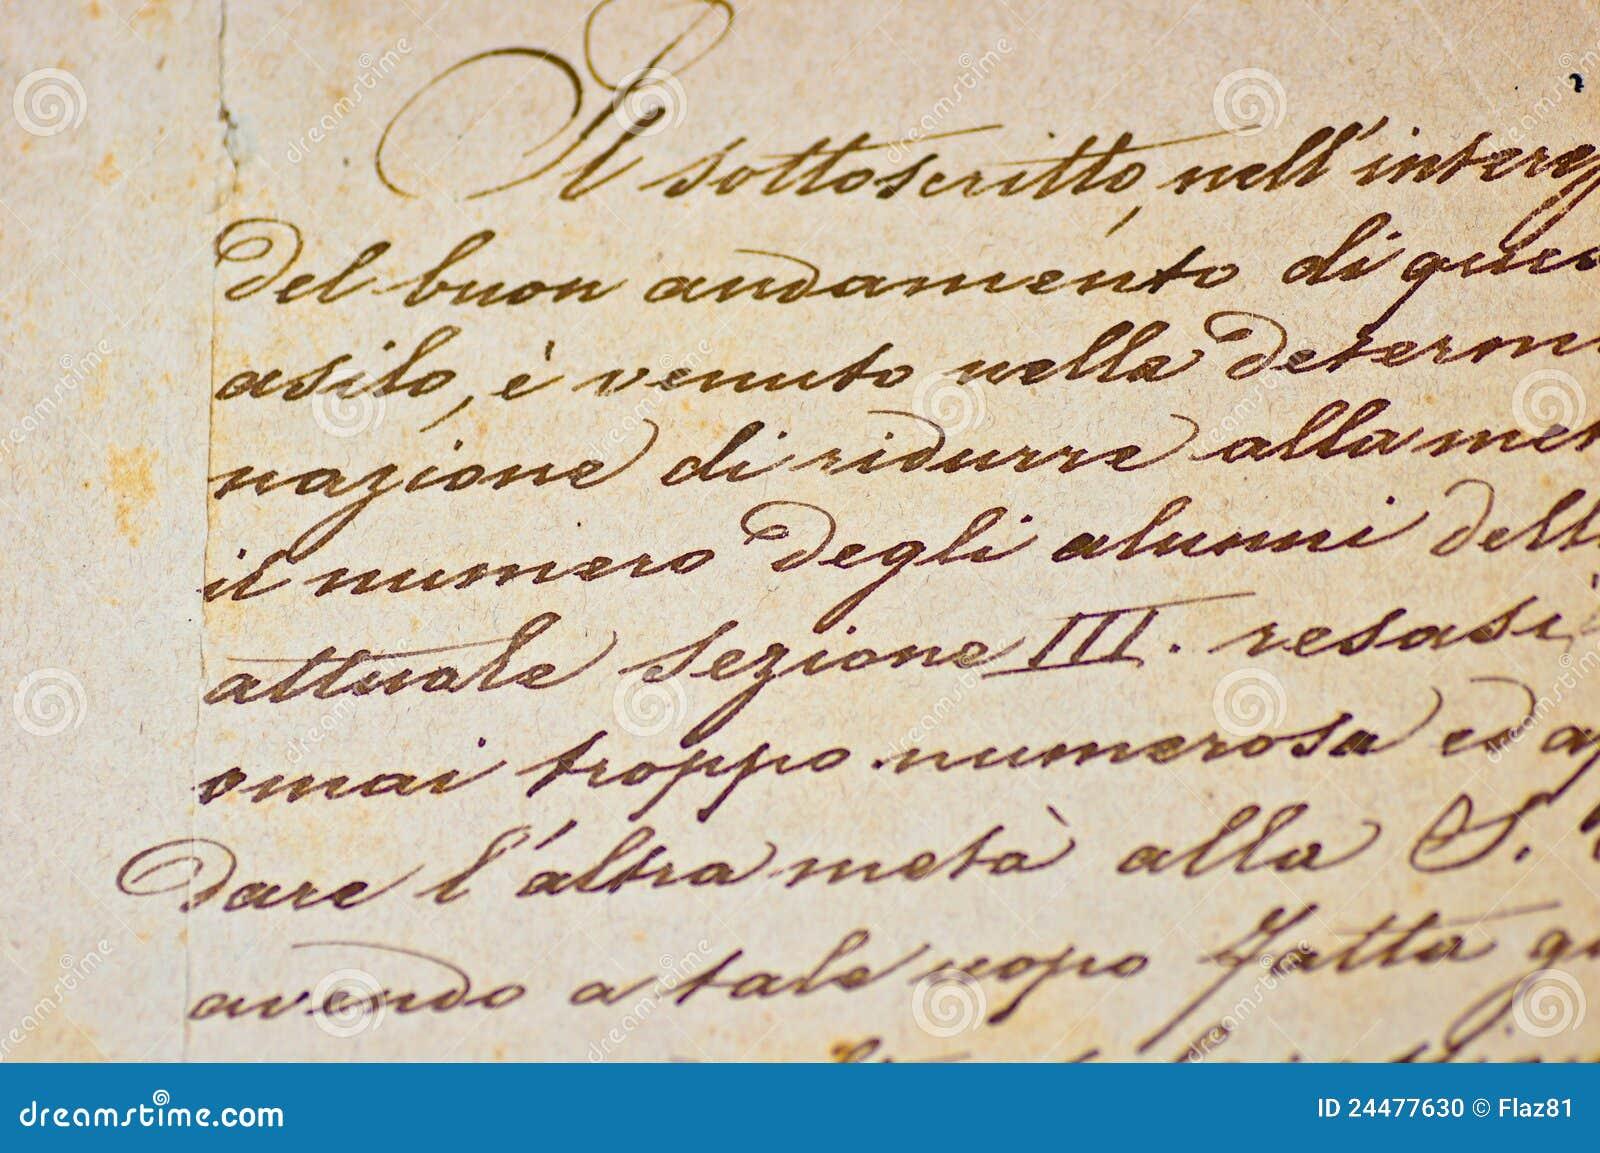 Italian handwritten postcard letter stock photo image 39254147 - Handwritten Italian